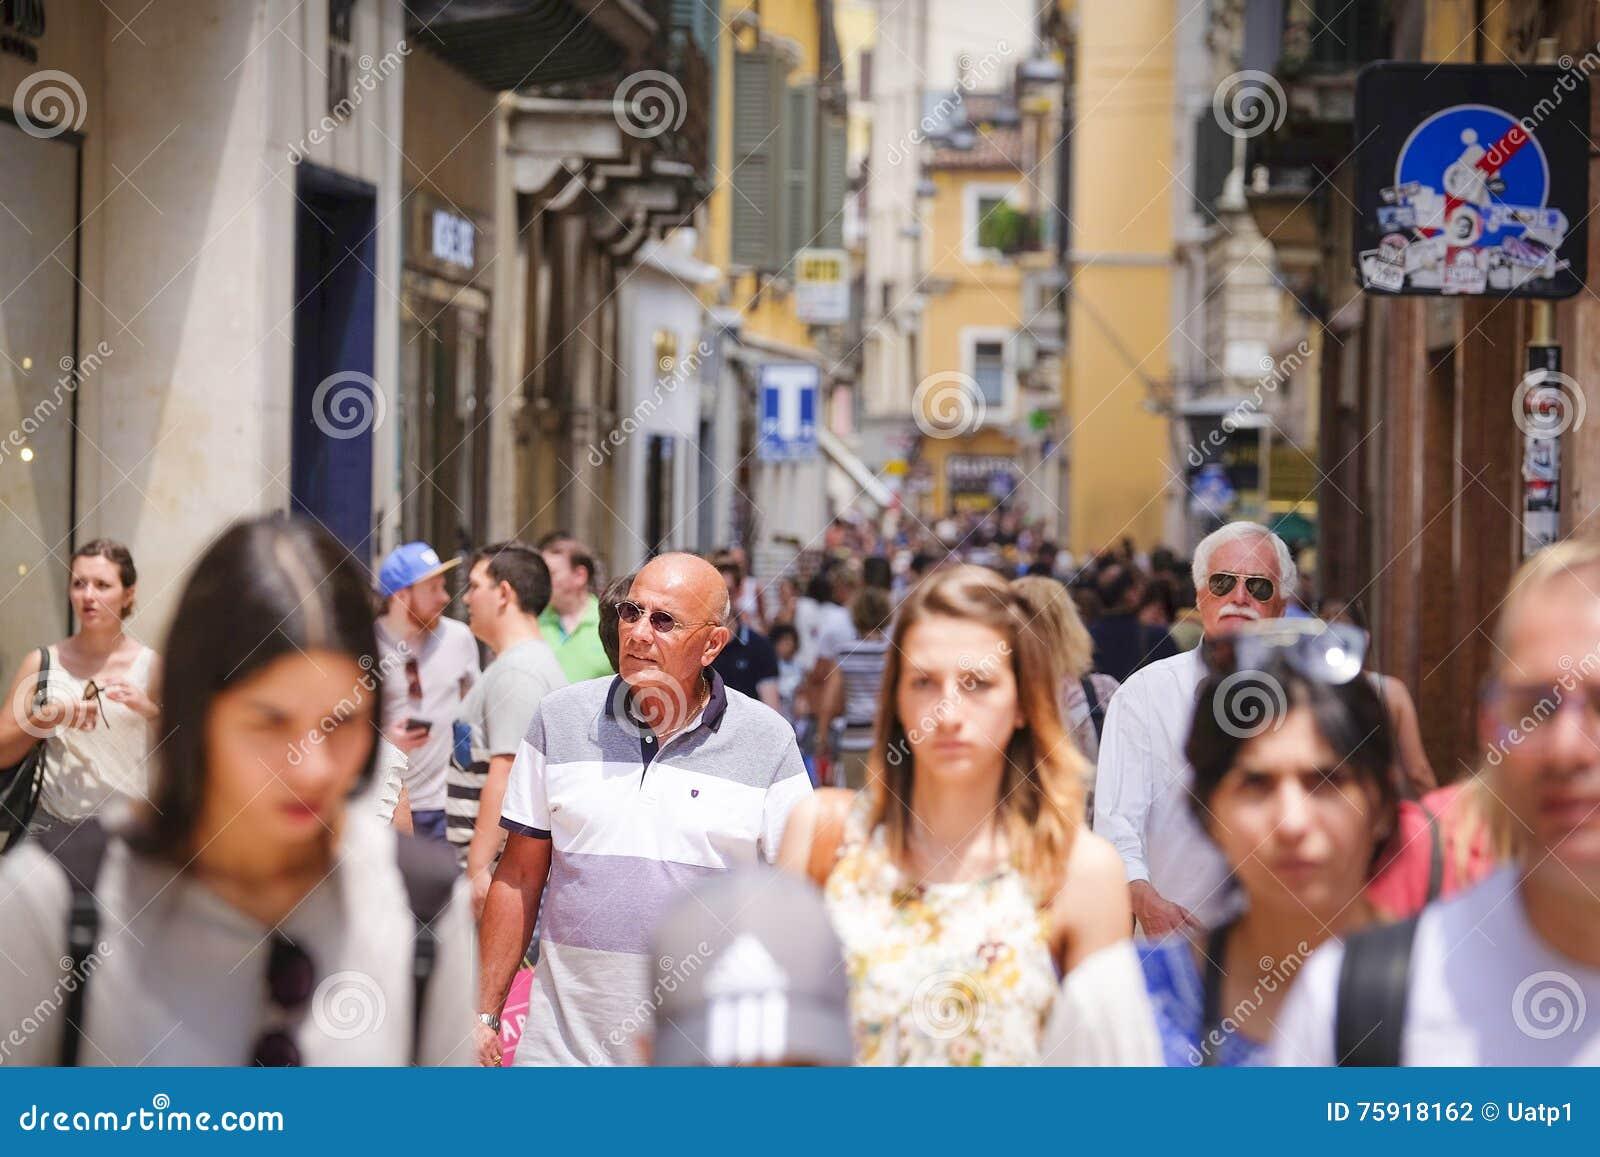 Две девушки на толпу, сюжетом униформе смотреть